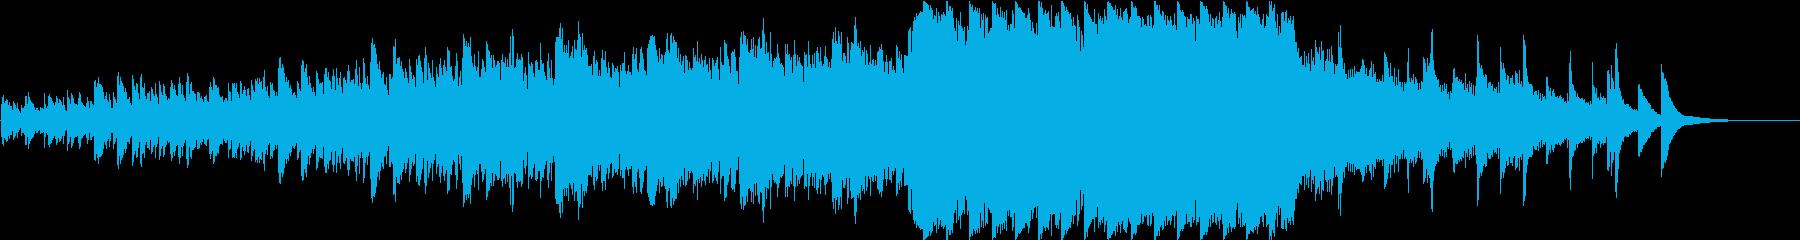 オーロラをイメージした幻想的なピアノ曲の再生済みの波形